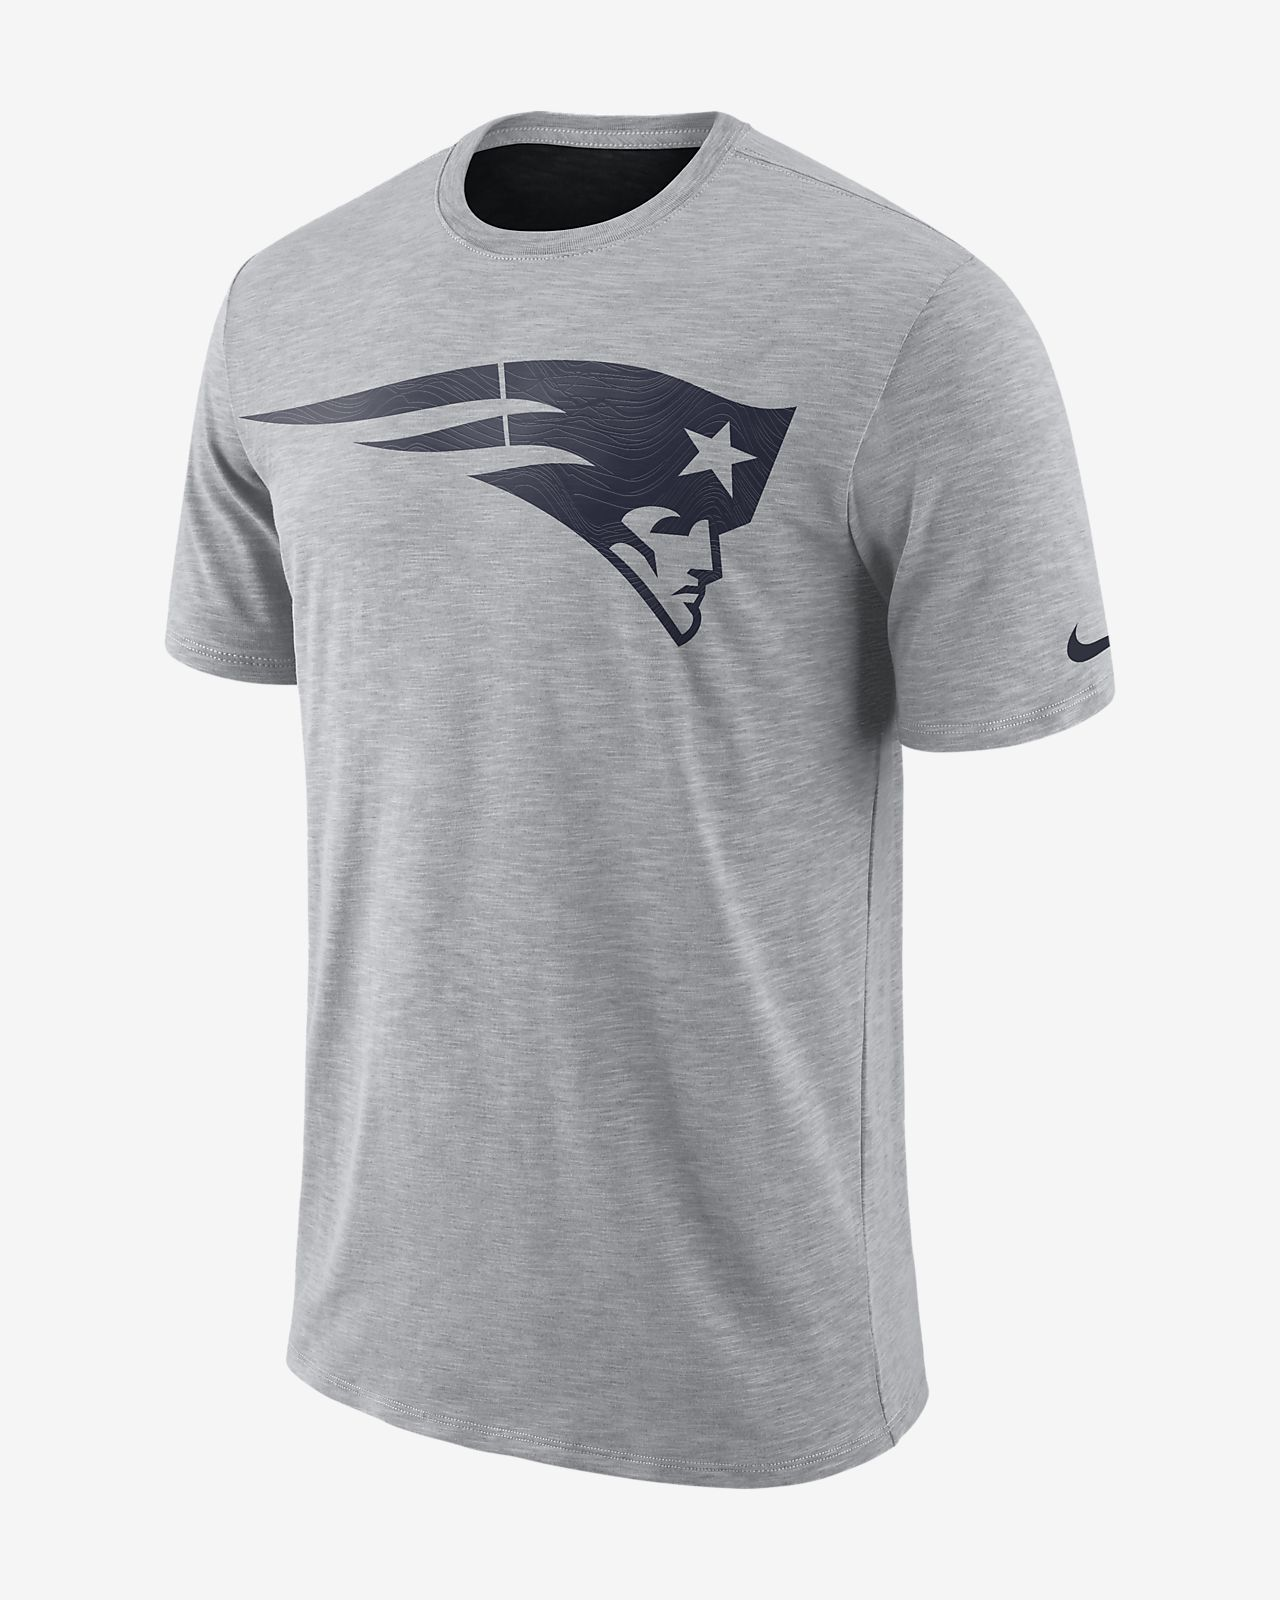 Nike Tee-shirt Dri-FIT Legend On-Field (NFL Chargers) pour Homme Jeu De Haute Qualité vEubXfKdv